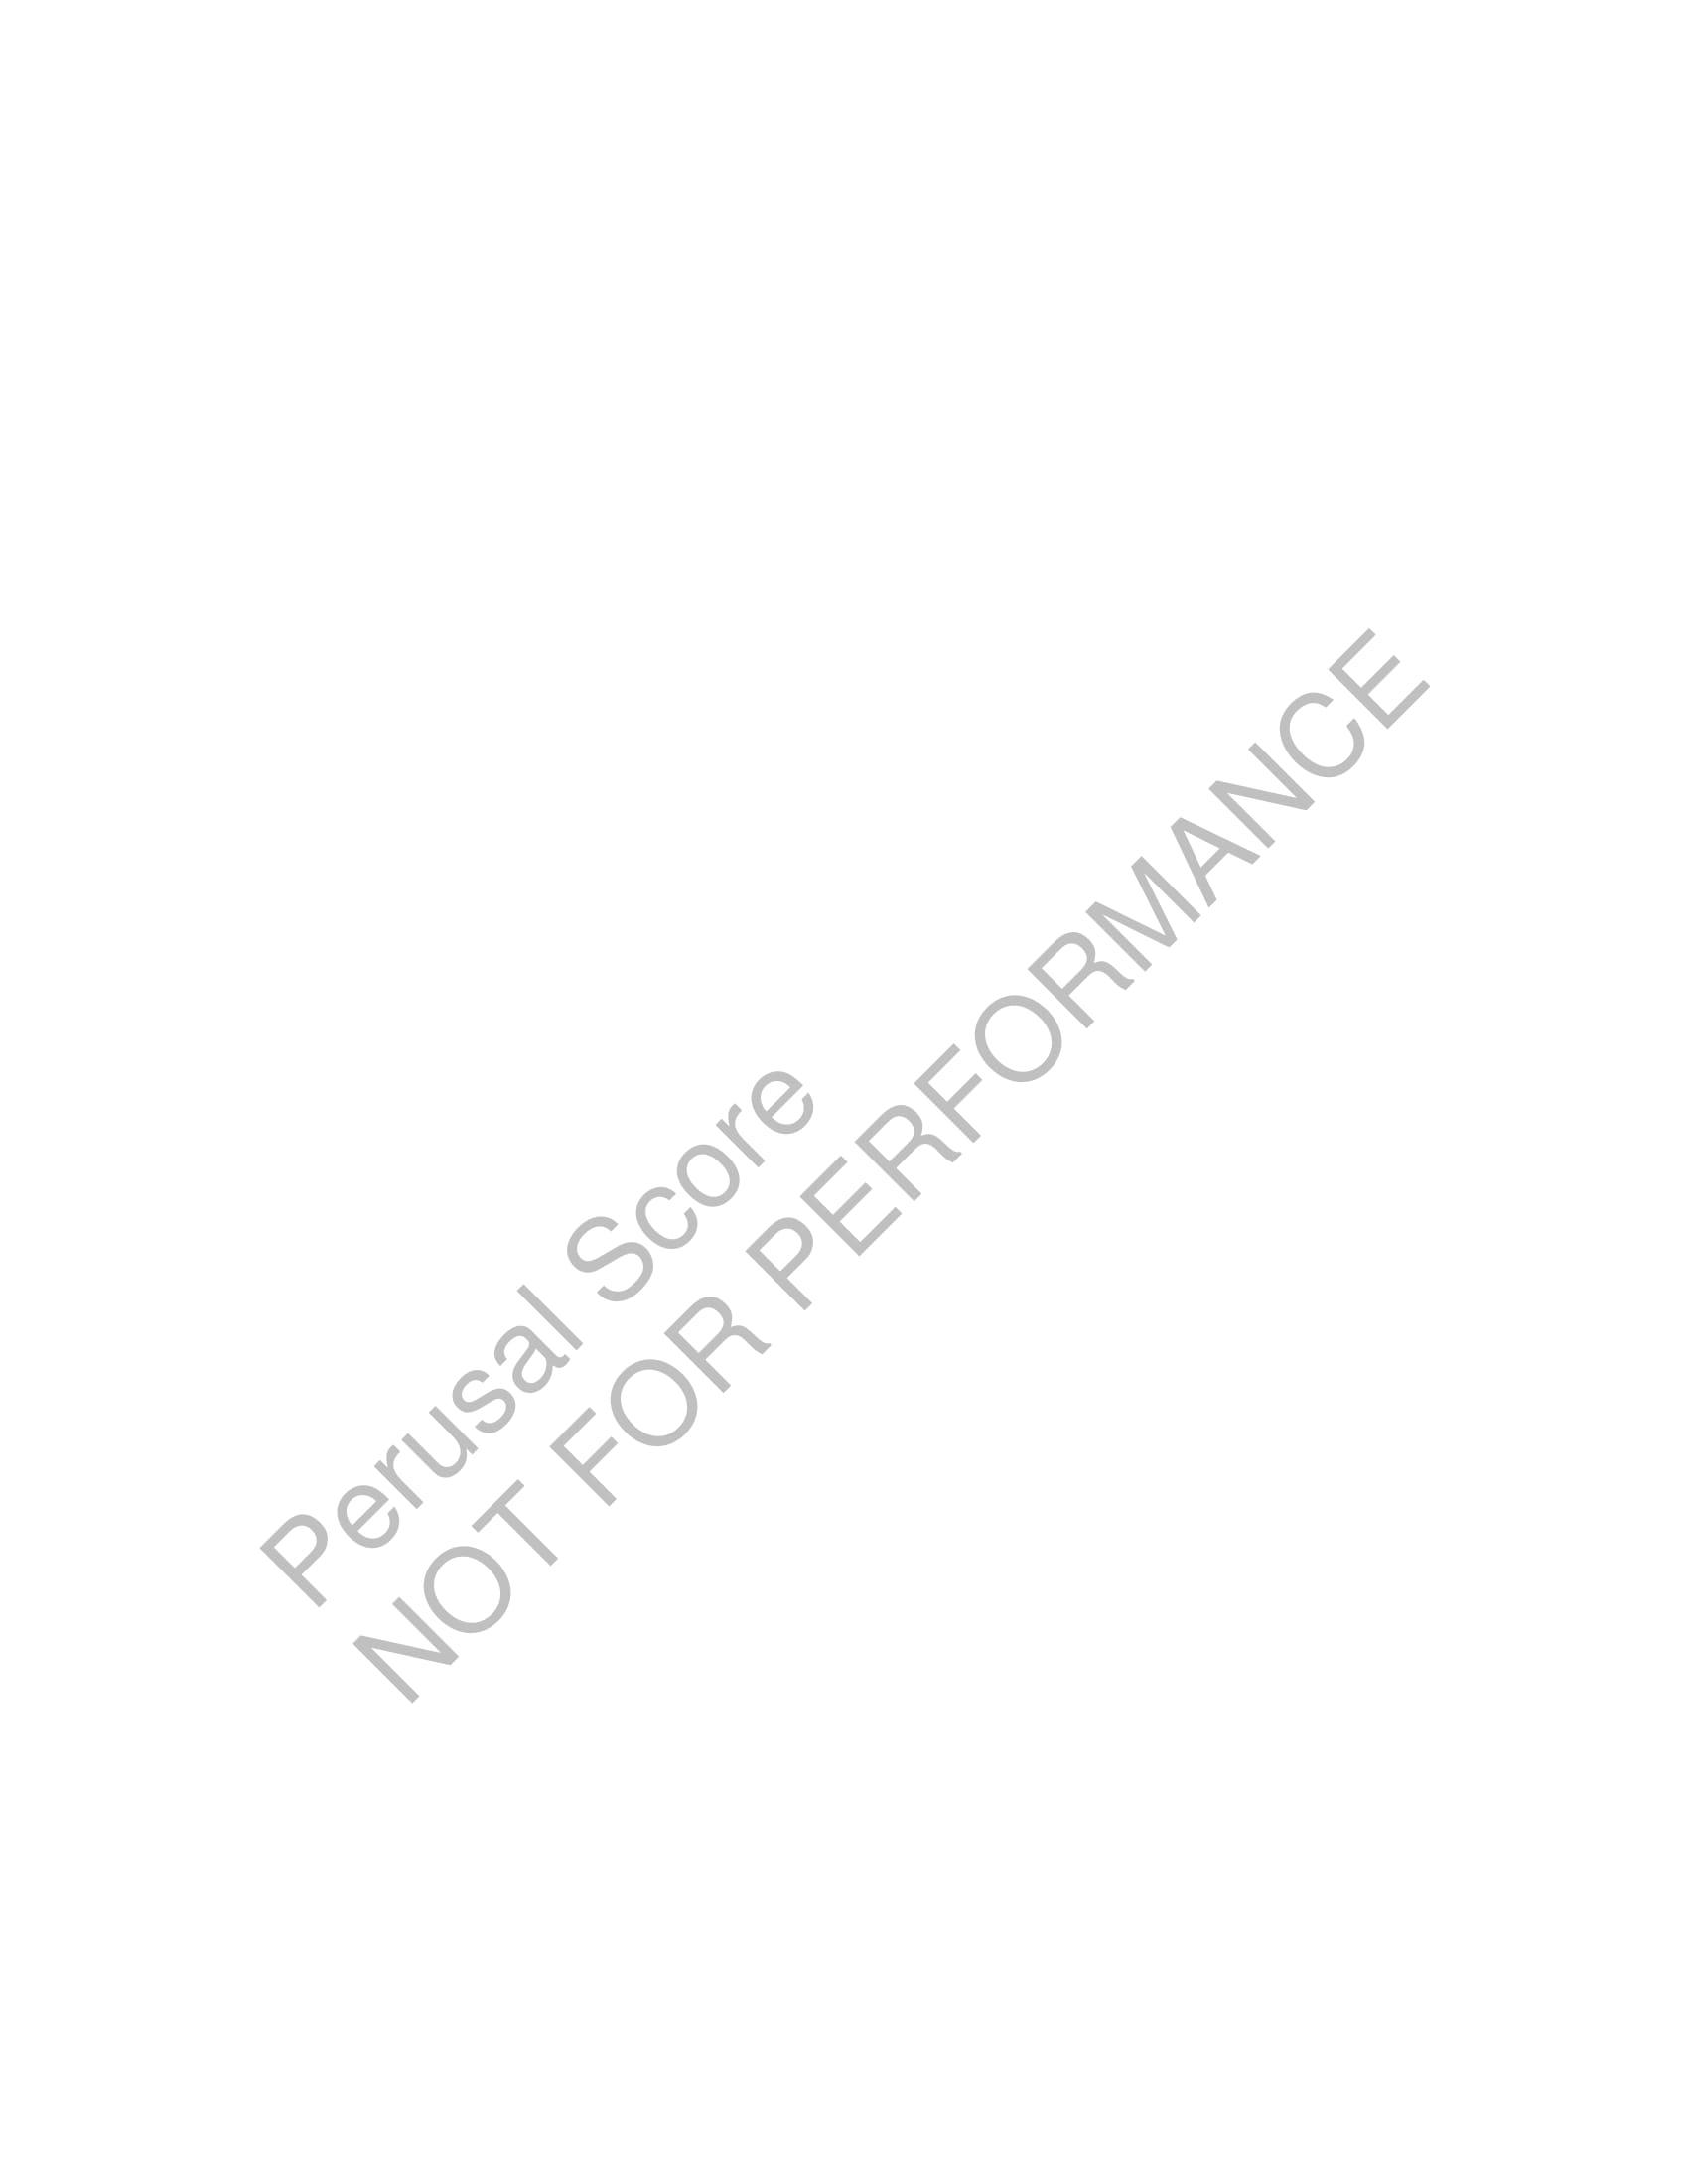 Boyd A Kaleidoscoped Menagerie Score-watermark-06.jpg